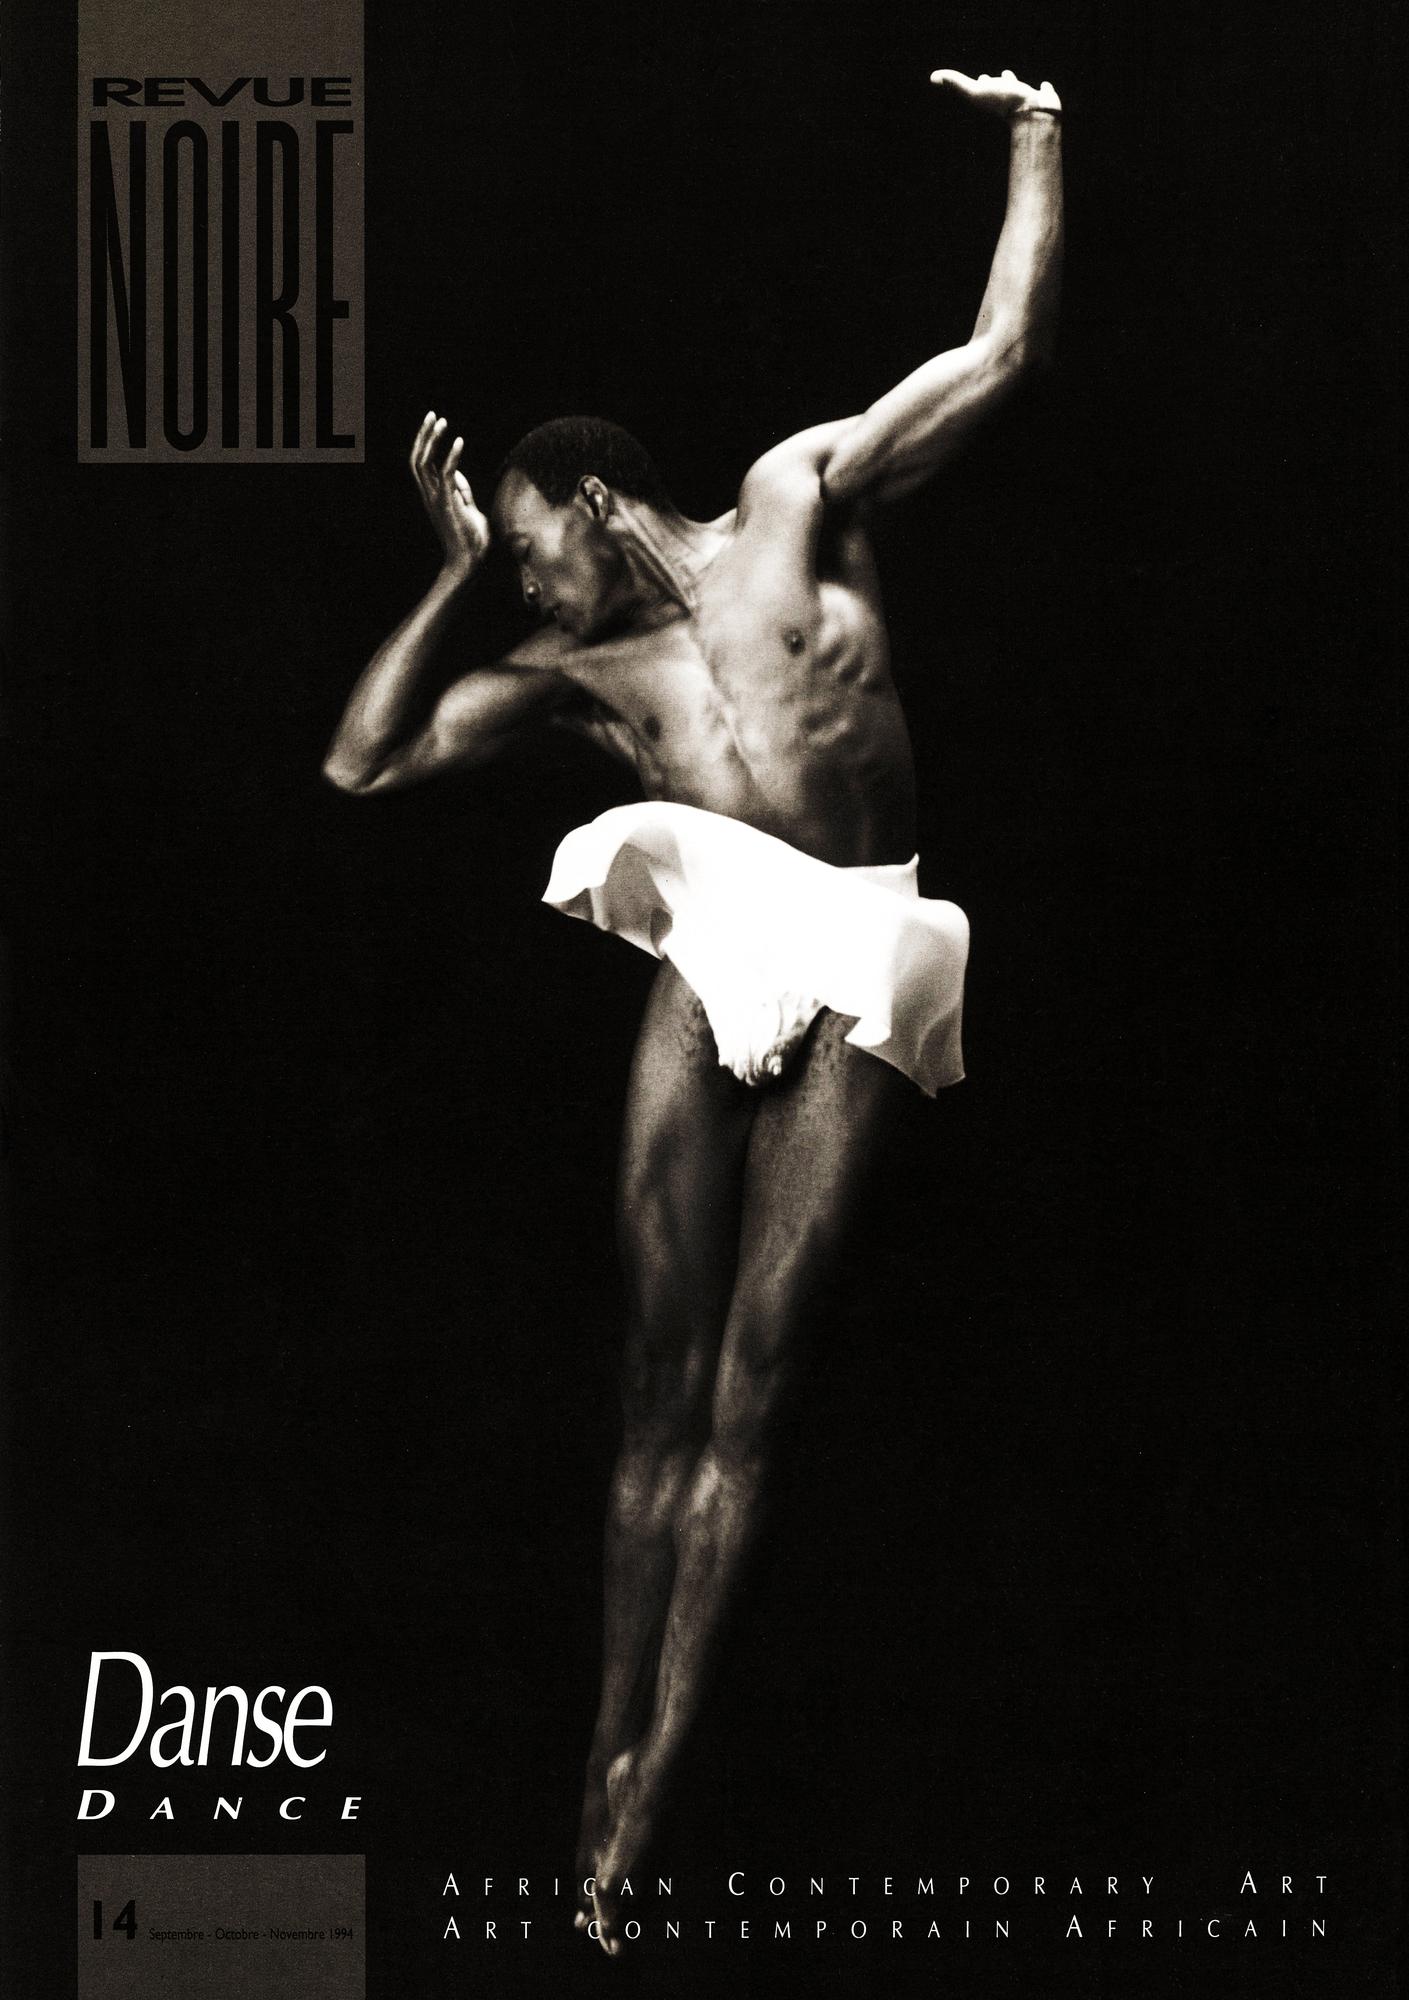 Revue Noire n°14, spécial danse, sous la direction de Jean Loup Pivin, publié en septembre 1994